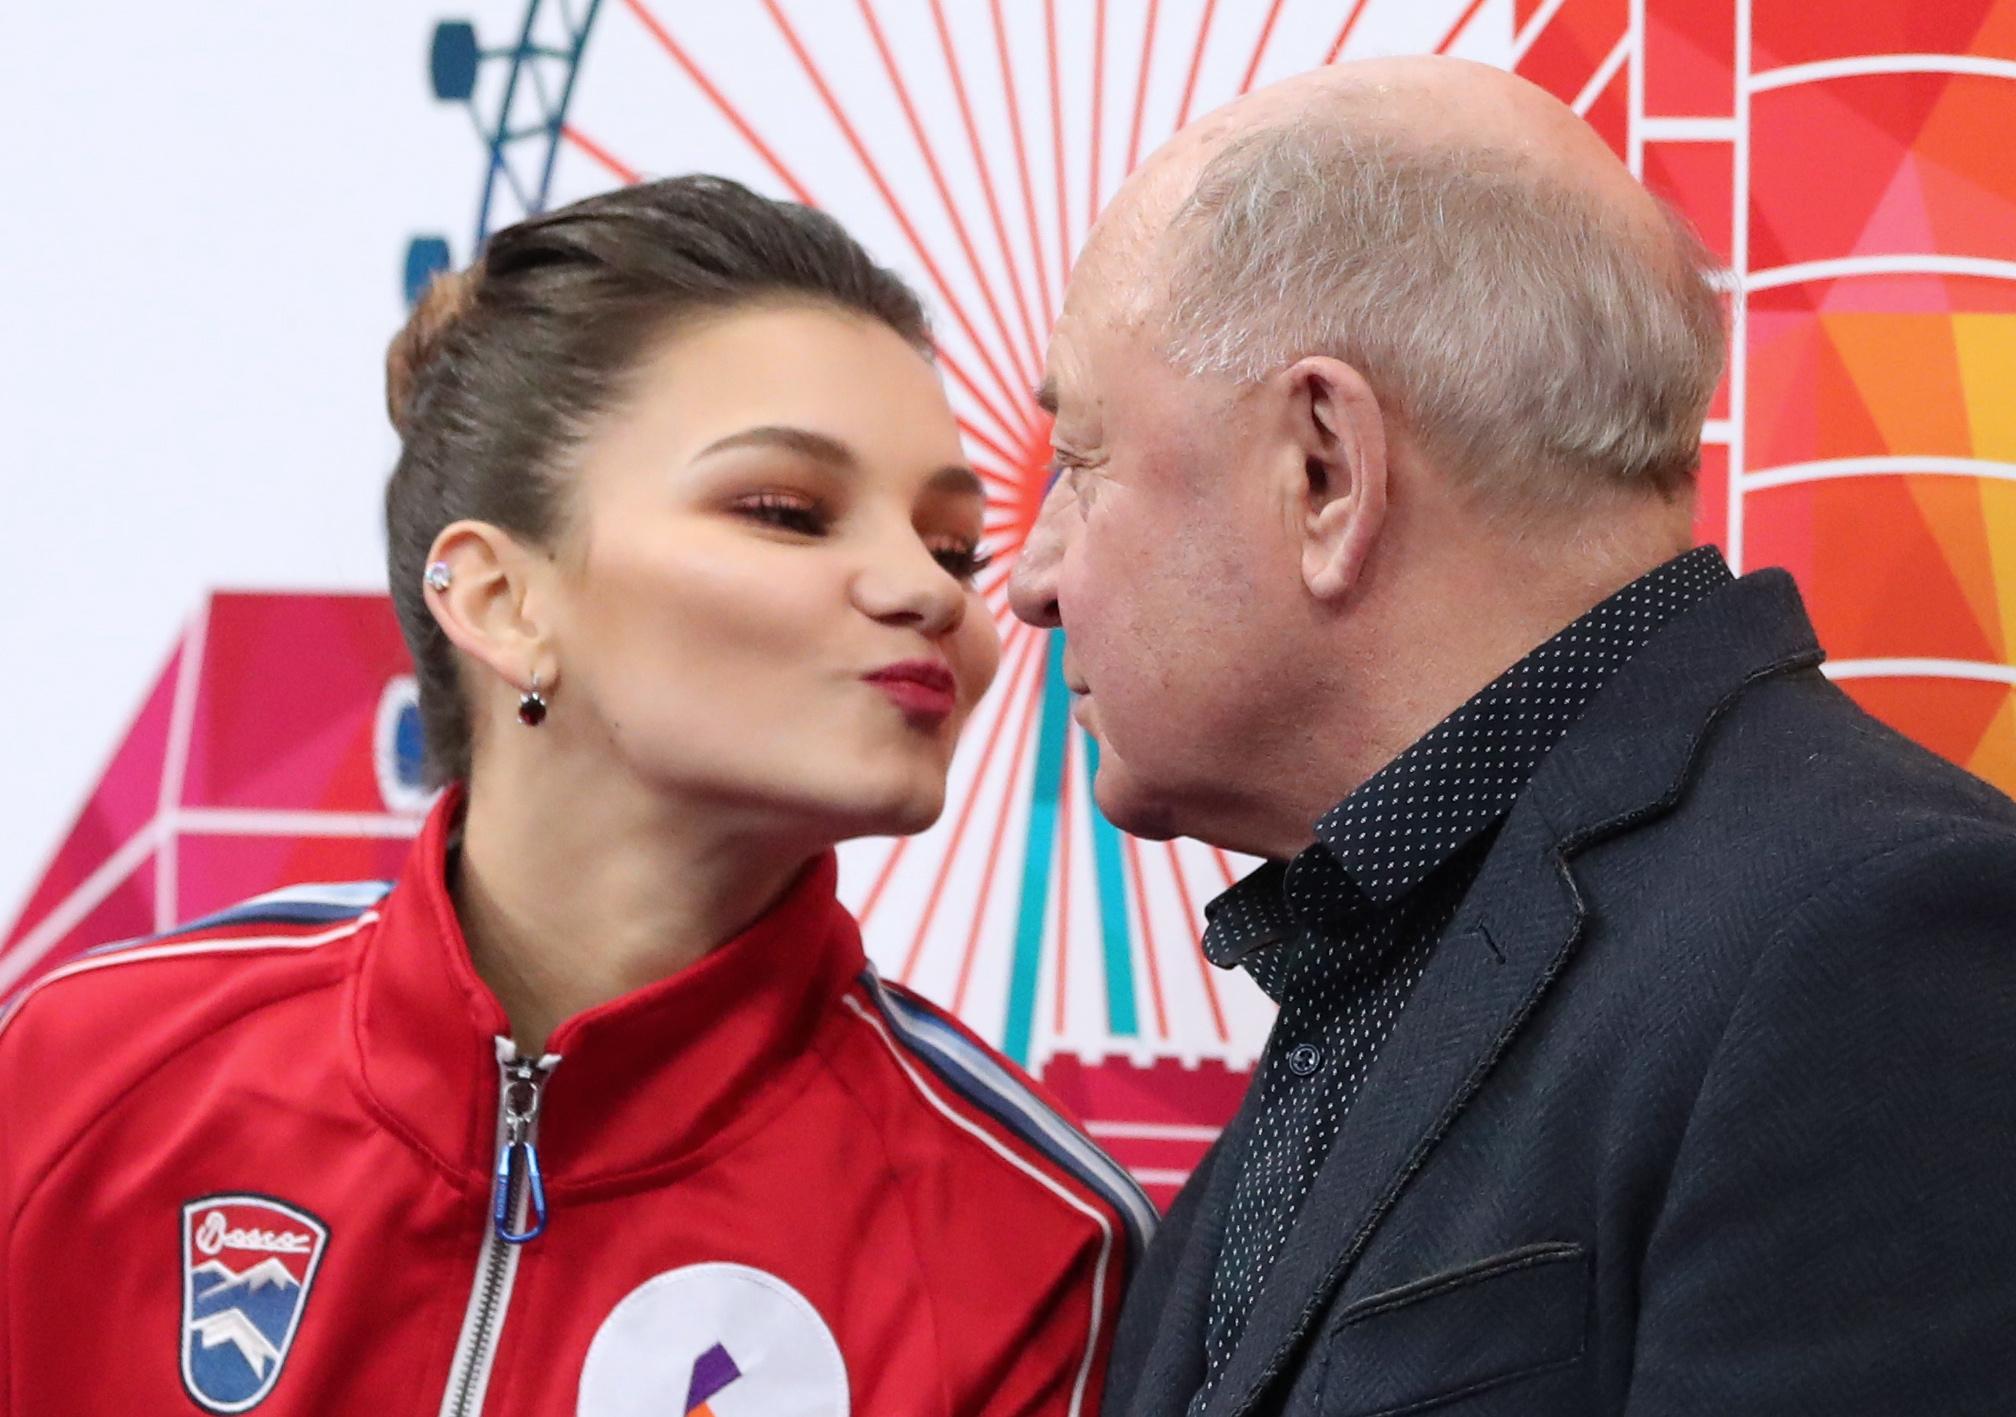 Самодурова с тренером Мишиным. Фото © ТАСС / Наталия Федосенко